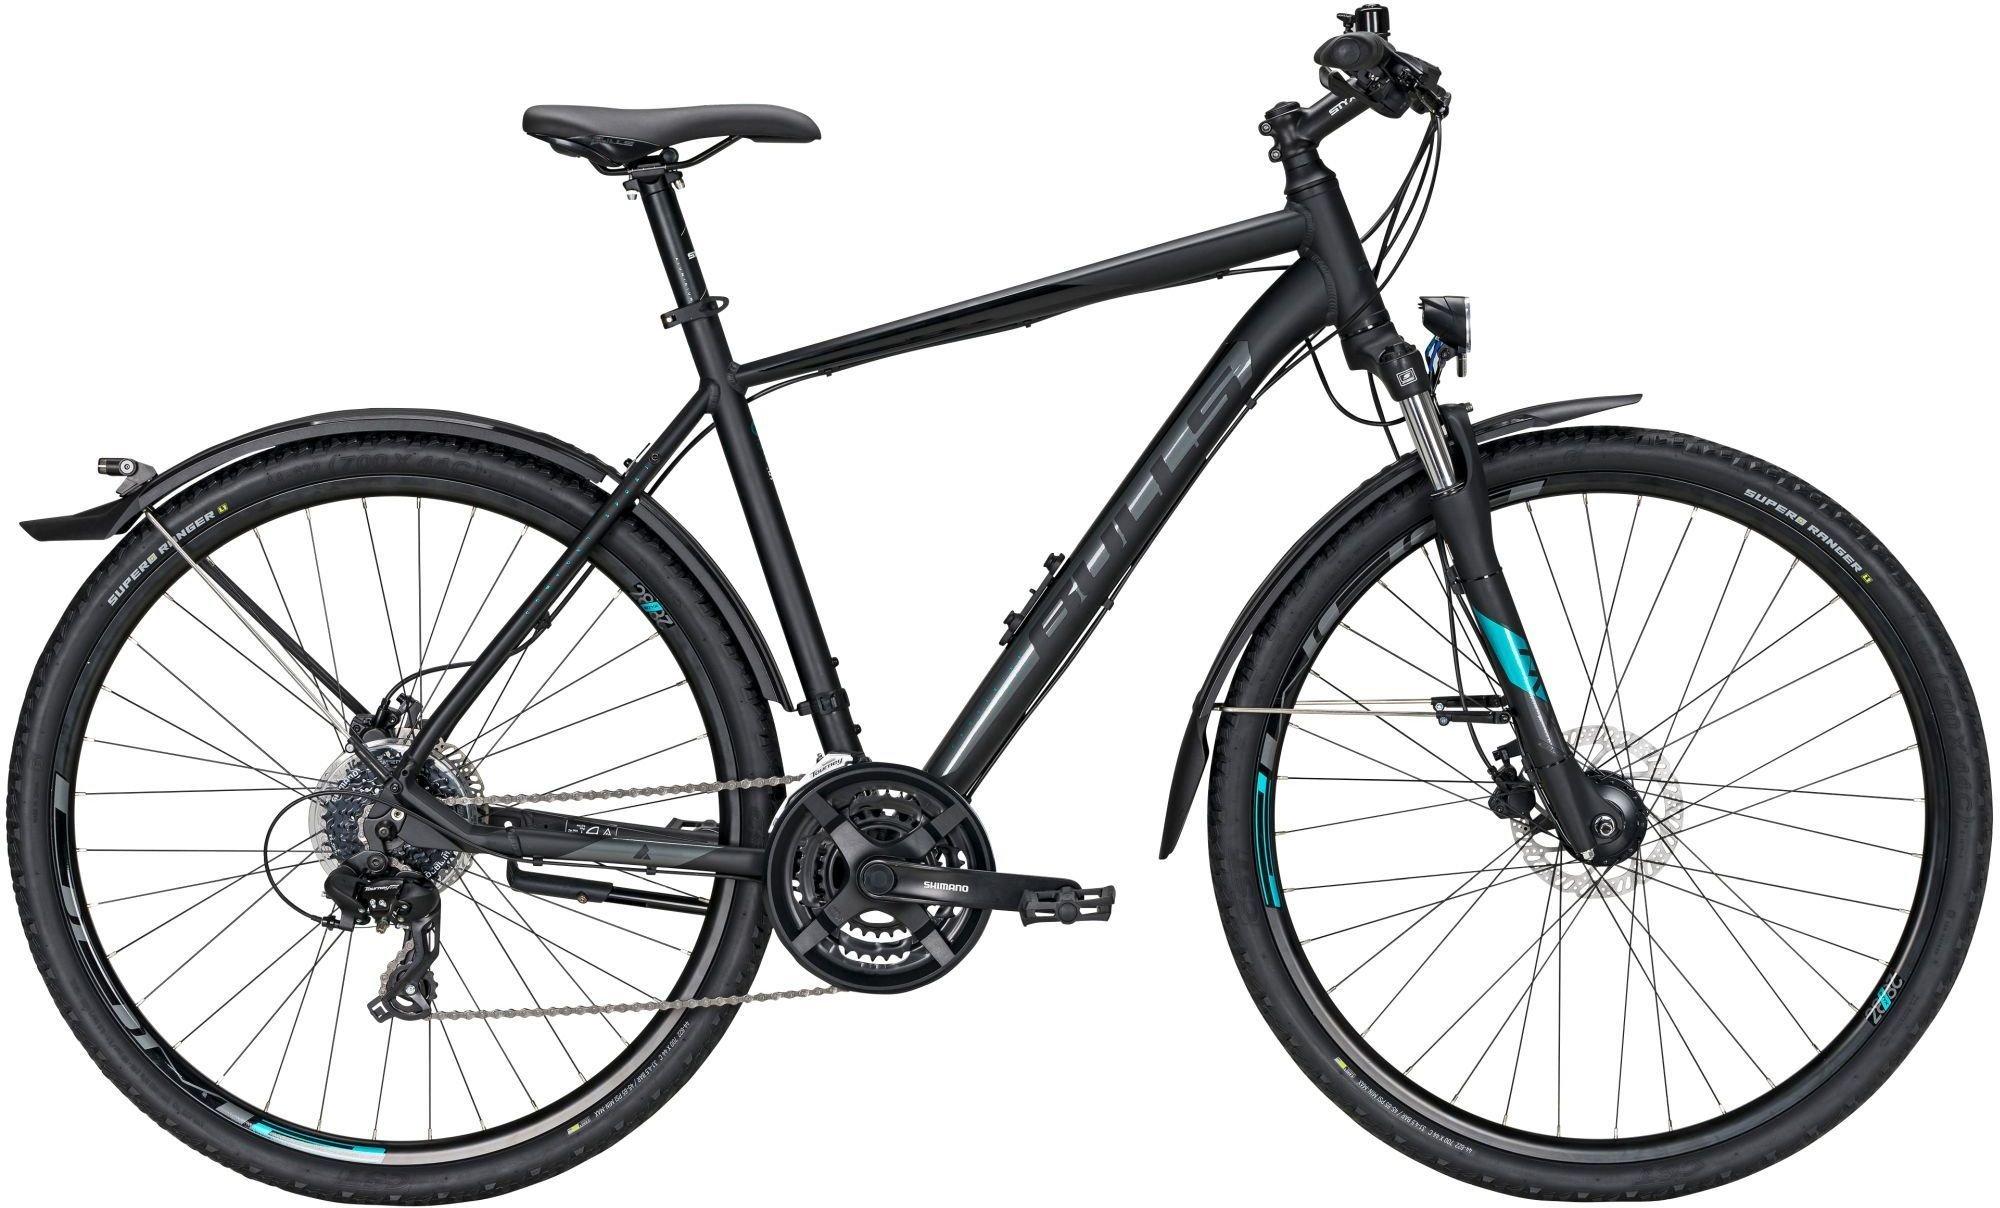 bici da uomo BULLS Cross Bike Street cambio a 24 velocità nero opaco